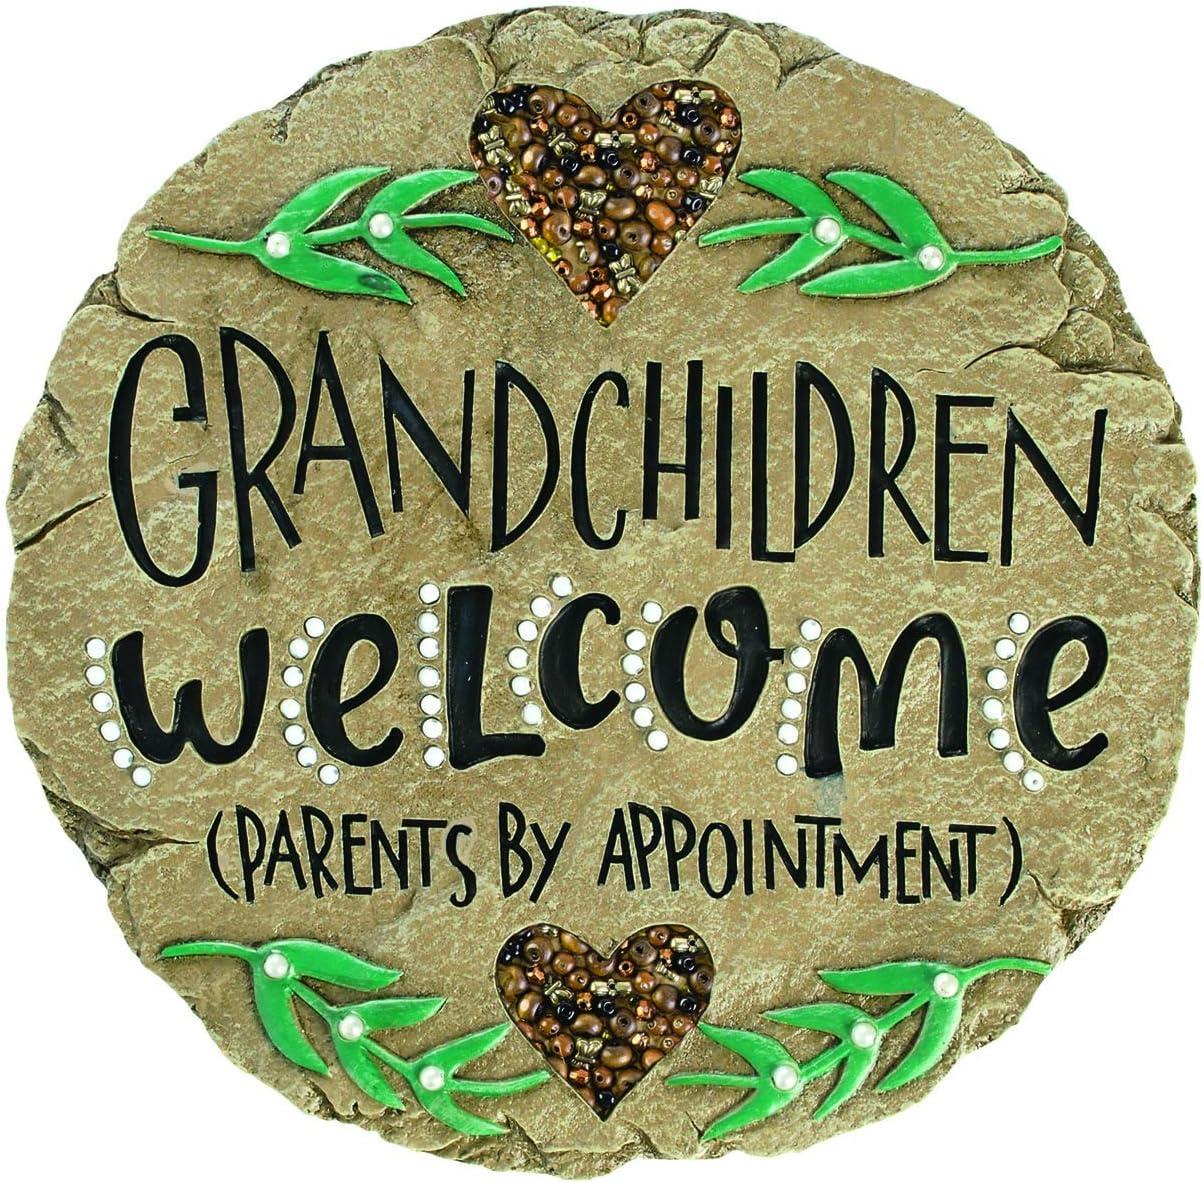 Carson Beadworks Grandchildren Welcome Garden Stone (Brown)